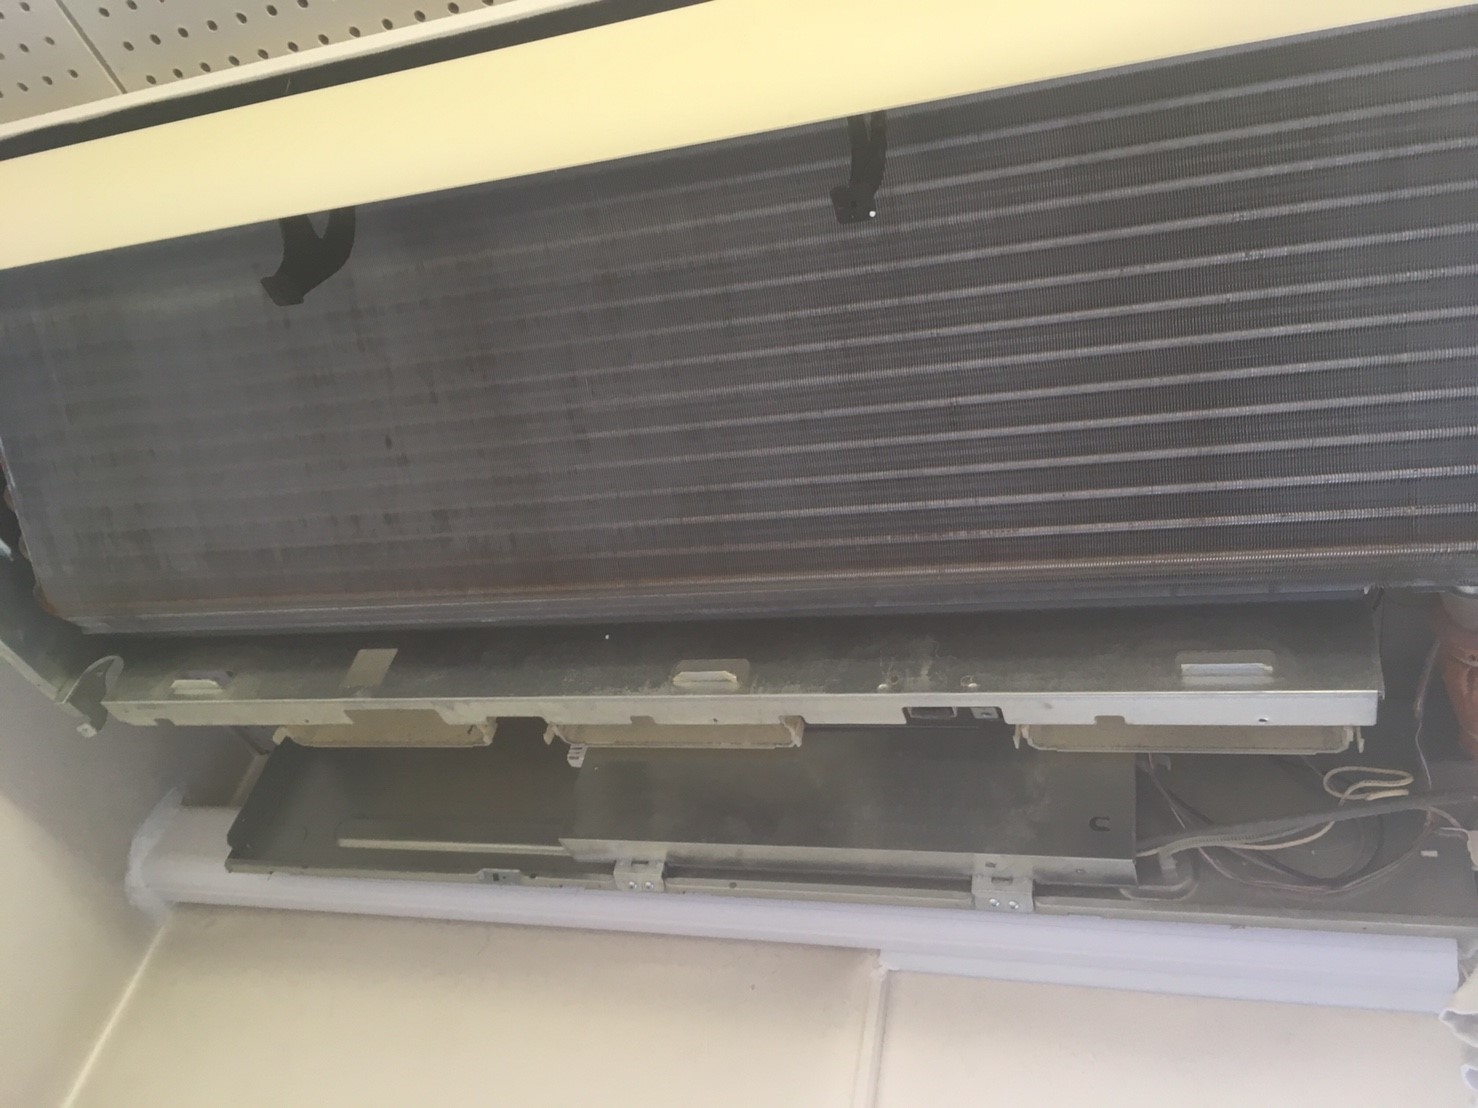 三菱製業務用エアコンクリーニング現場写真。業務用エアコン天井吊り形のアルミフィン